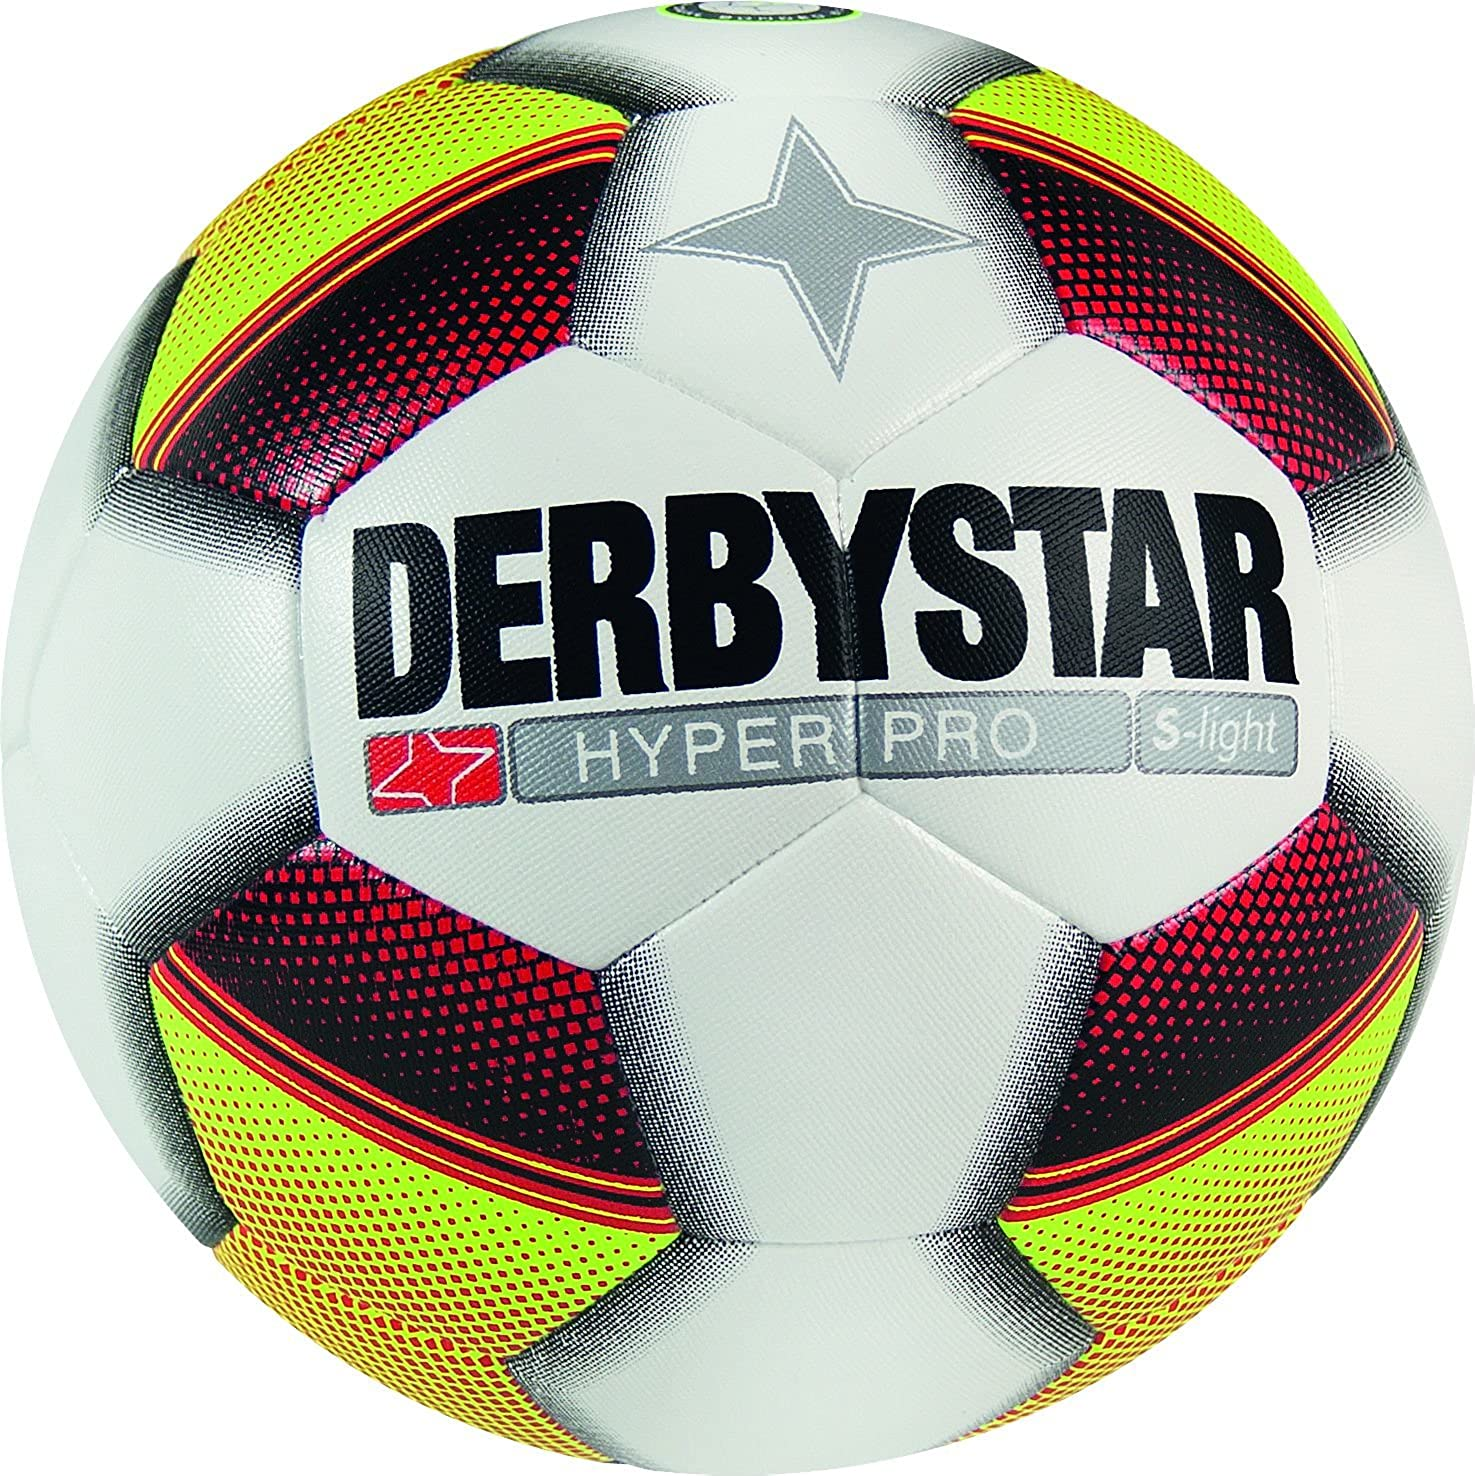 Derby Star Niños Hyper Pro S Light - Balón de fútbol: Amazon.es ...